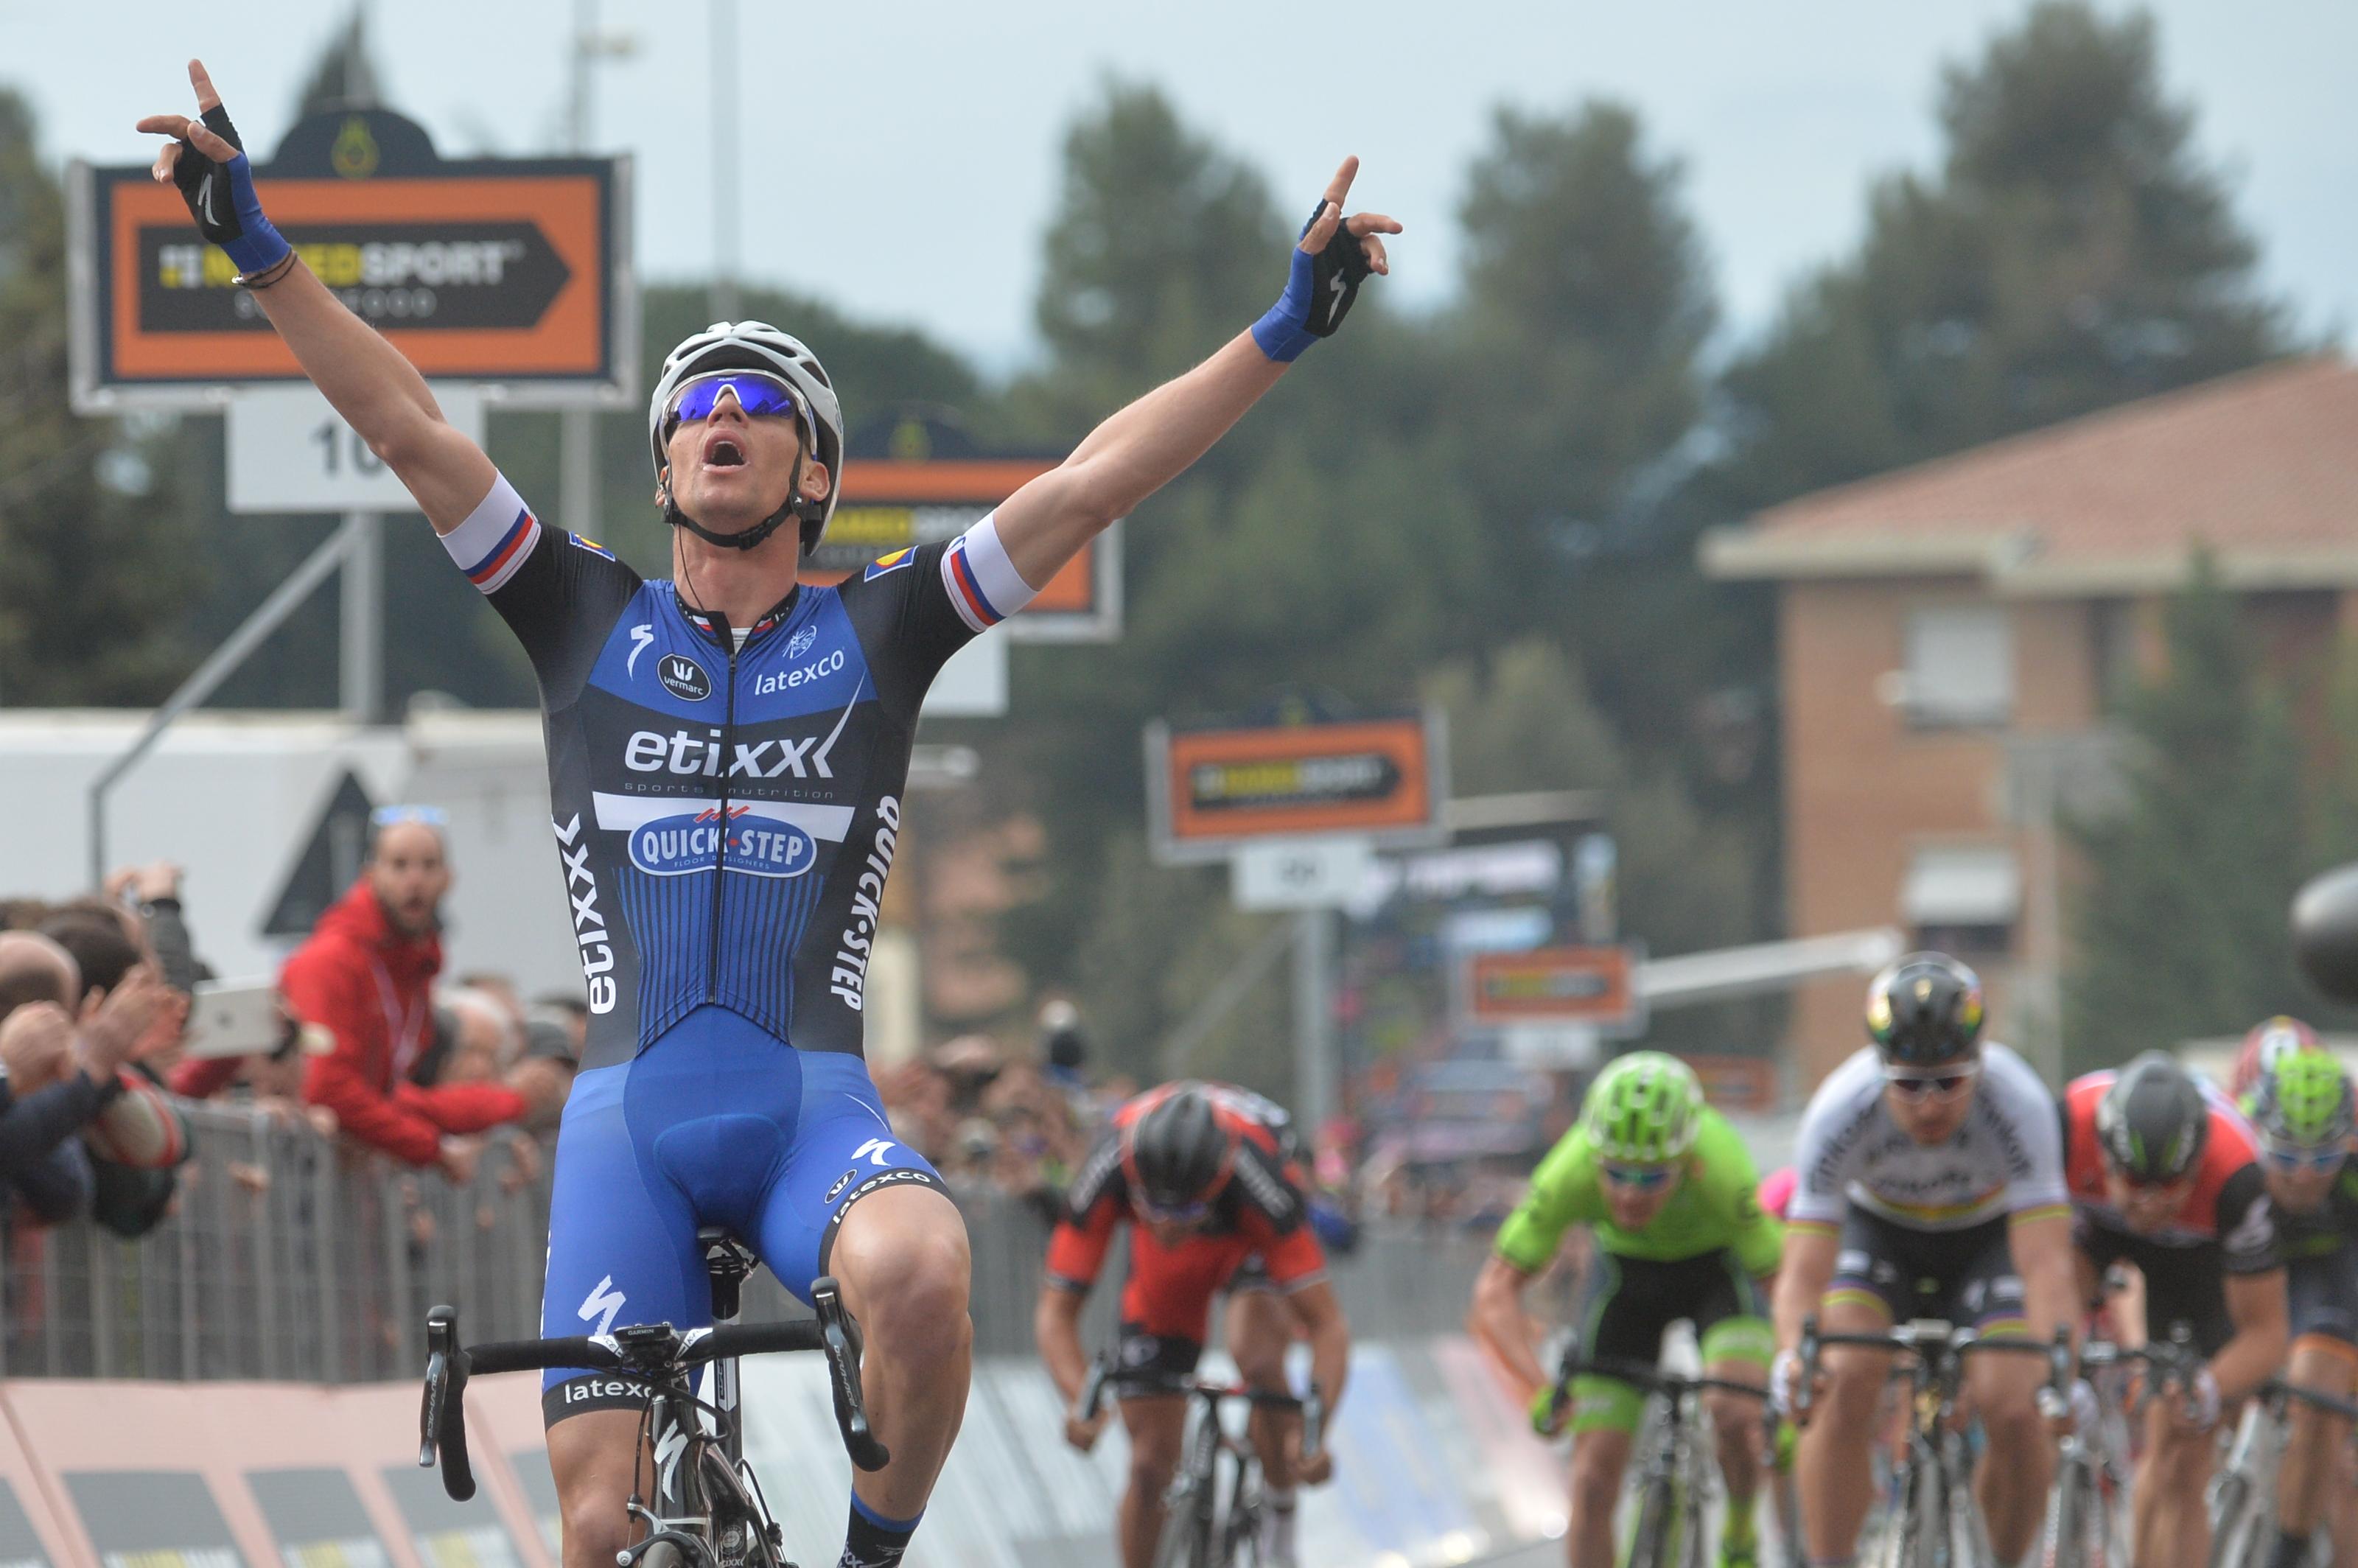 Stybar vince la 2^ tappa della Tirreno-Adriatico (foto Ansa/Peri-Zennaro